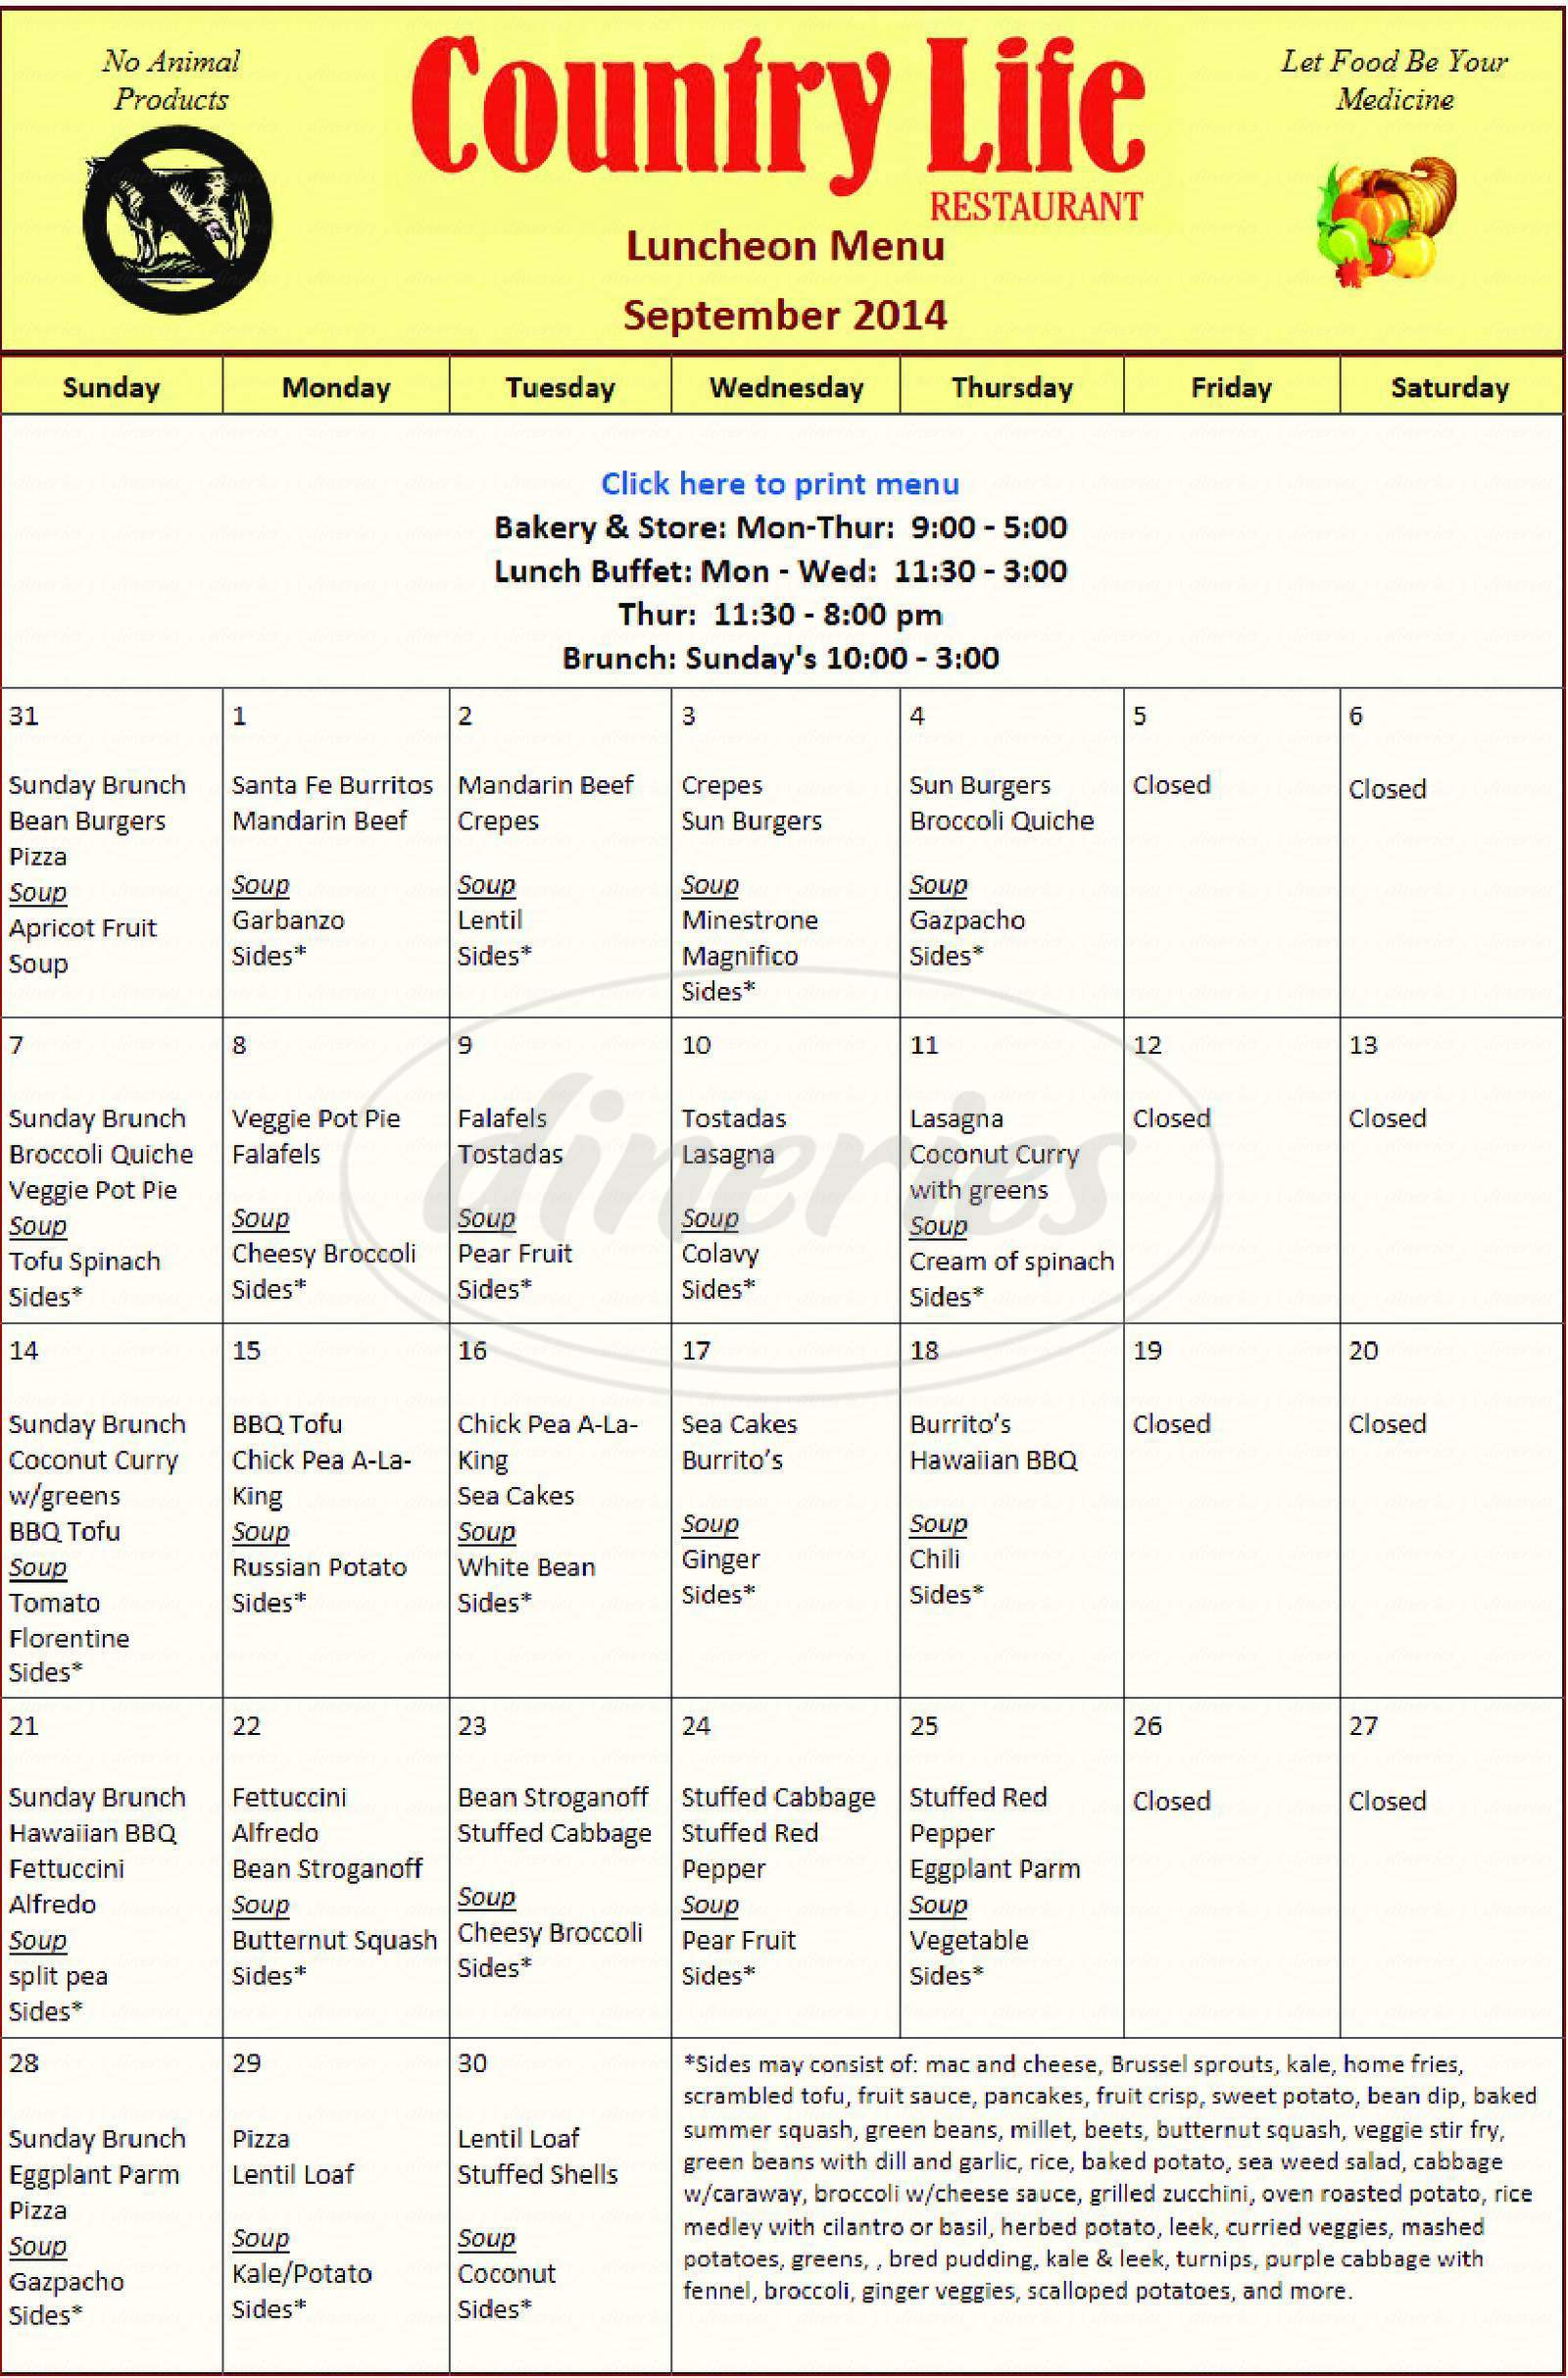 menu for Country Life Vegetarian Restaurant & Natural Foods